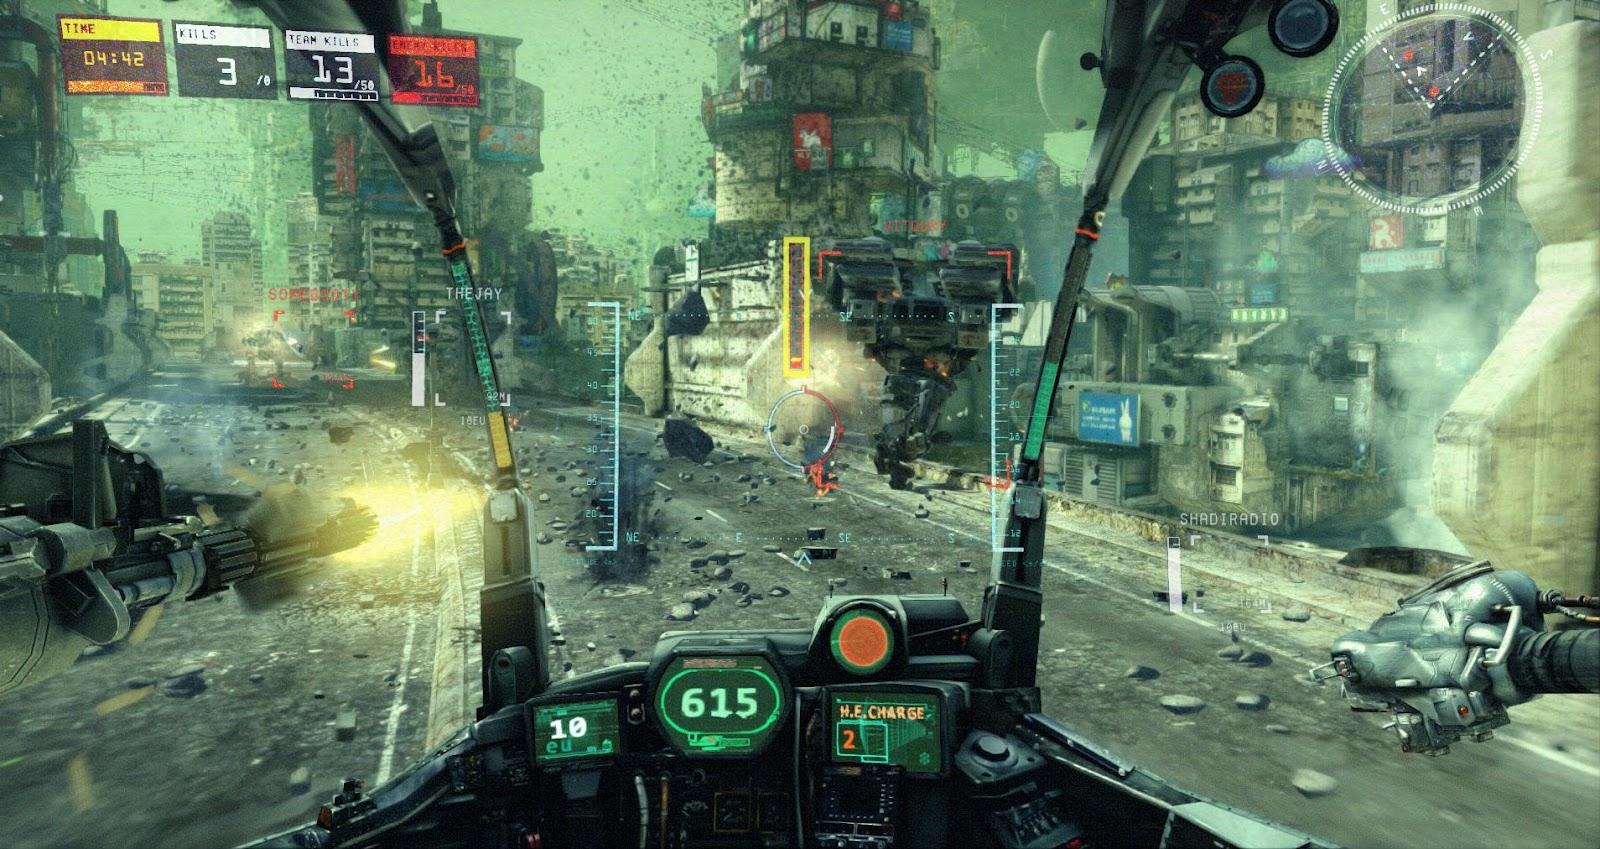 La guerra de robots se desata en Hawken